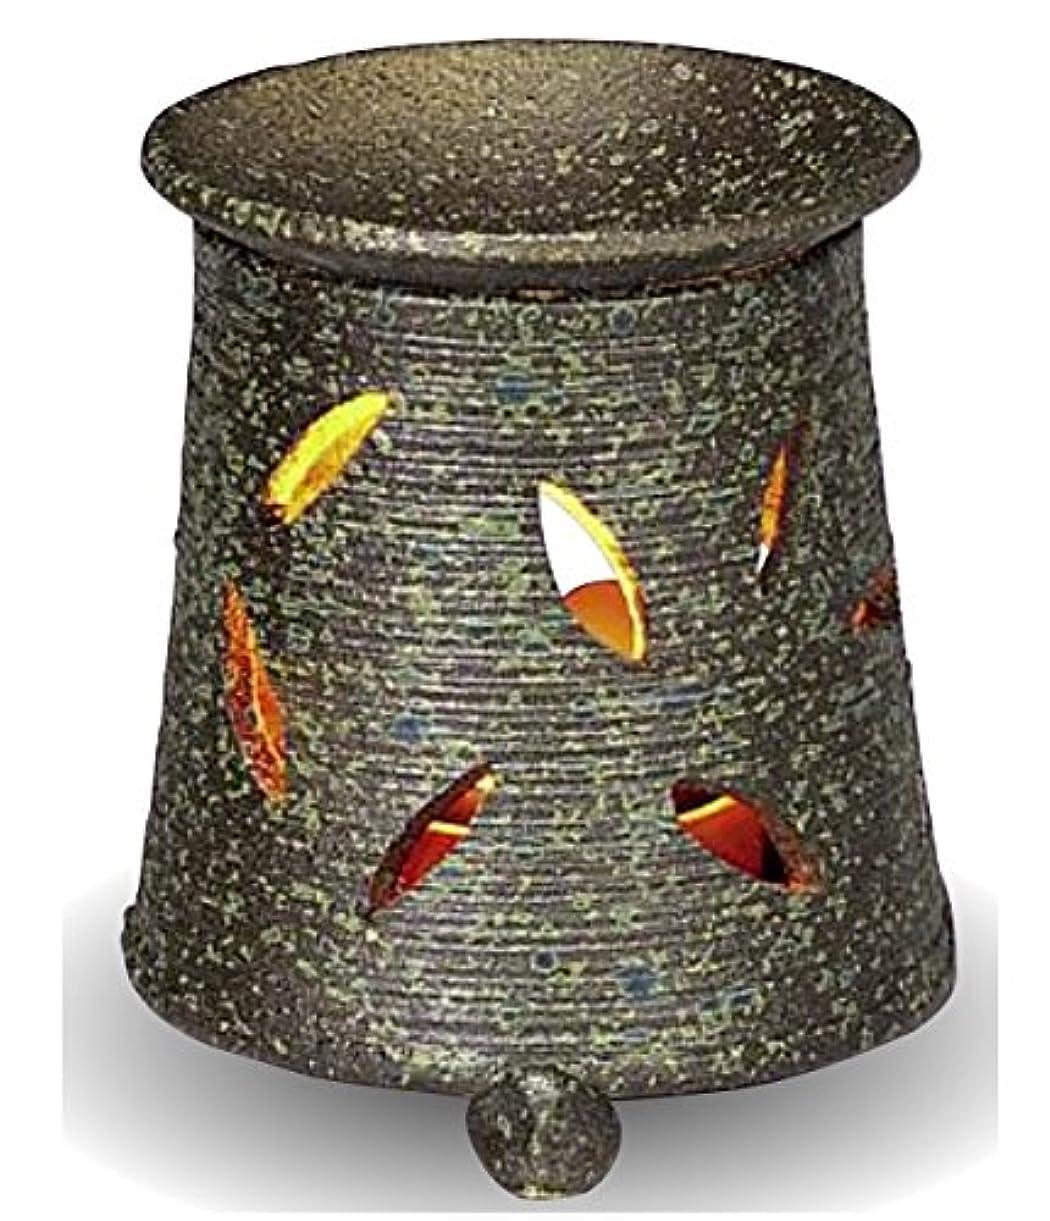 歩道ボランティア有効化常滑焼 茶香炉(アロマポット)径9.5×高さ10.5cm